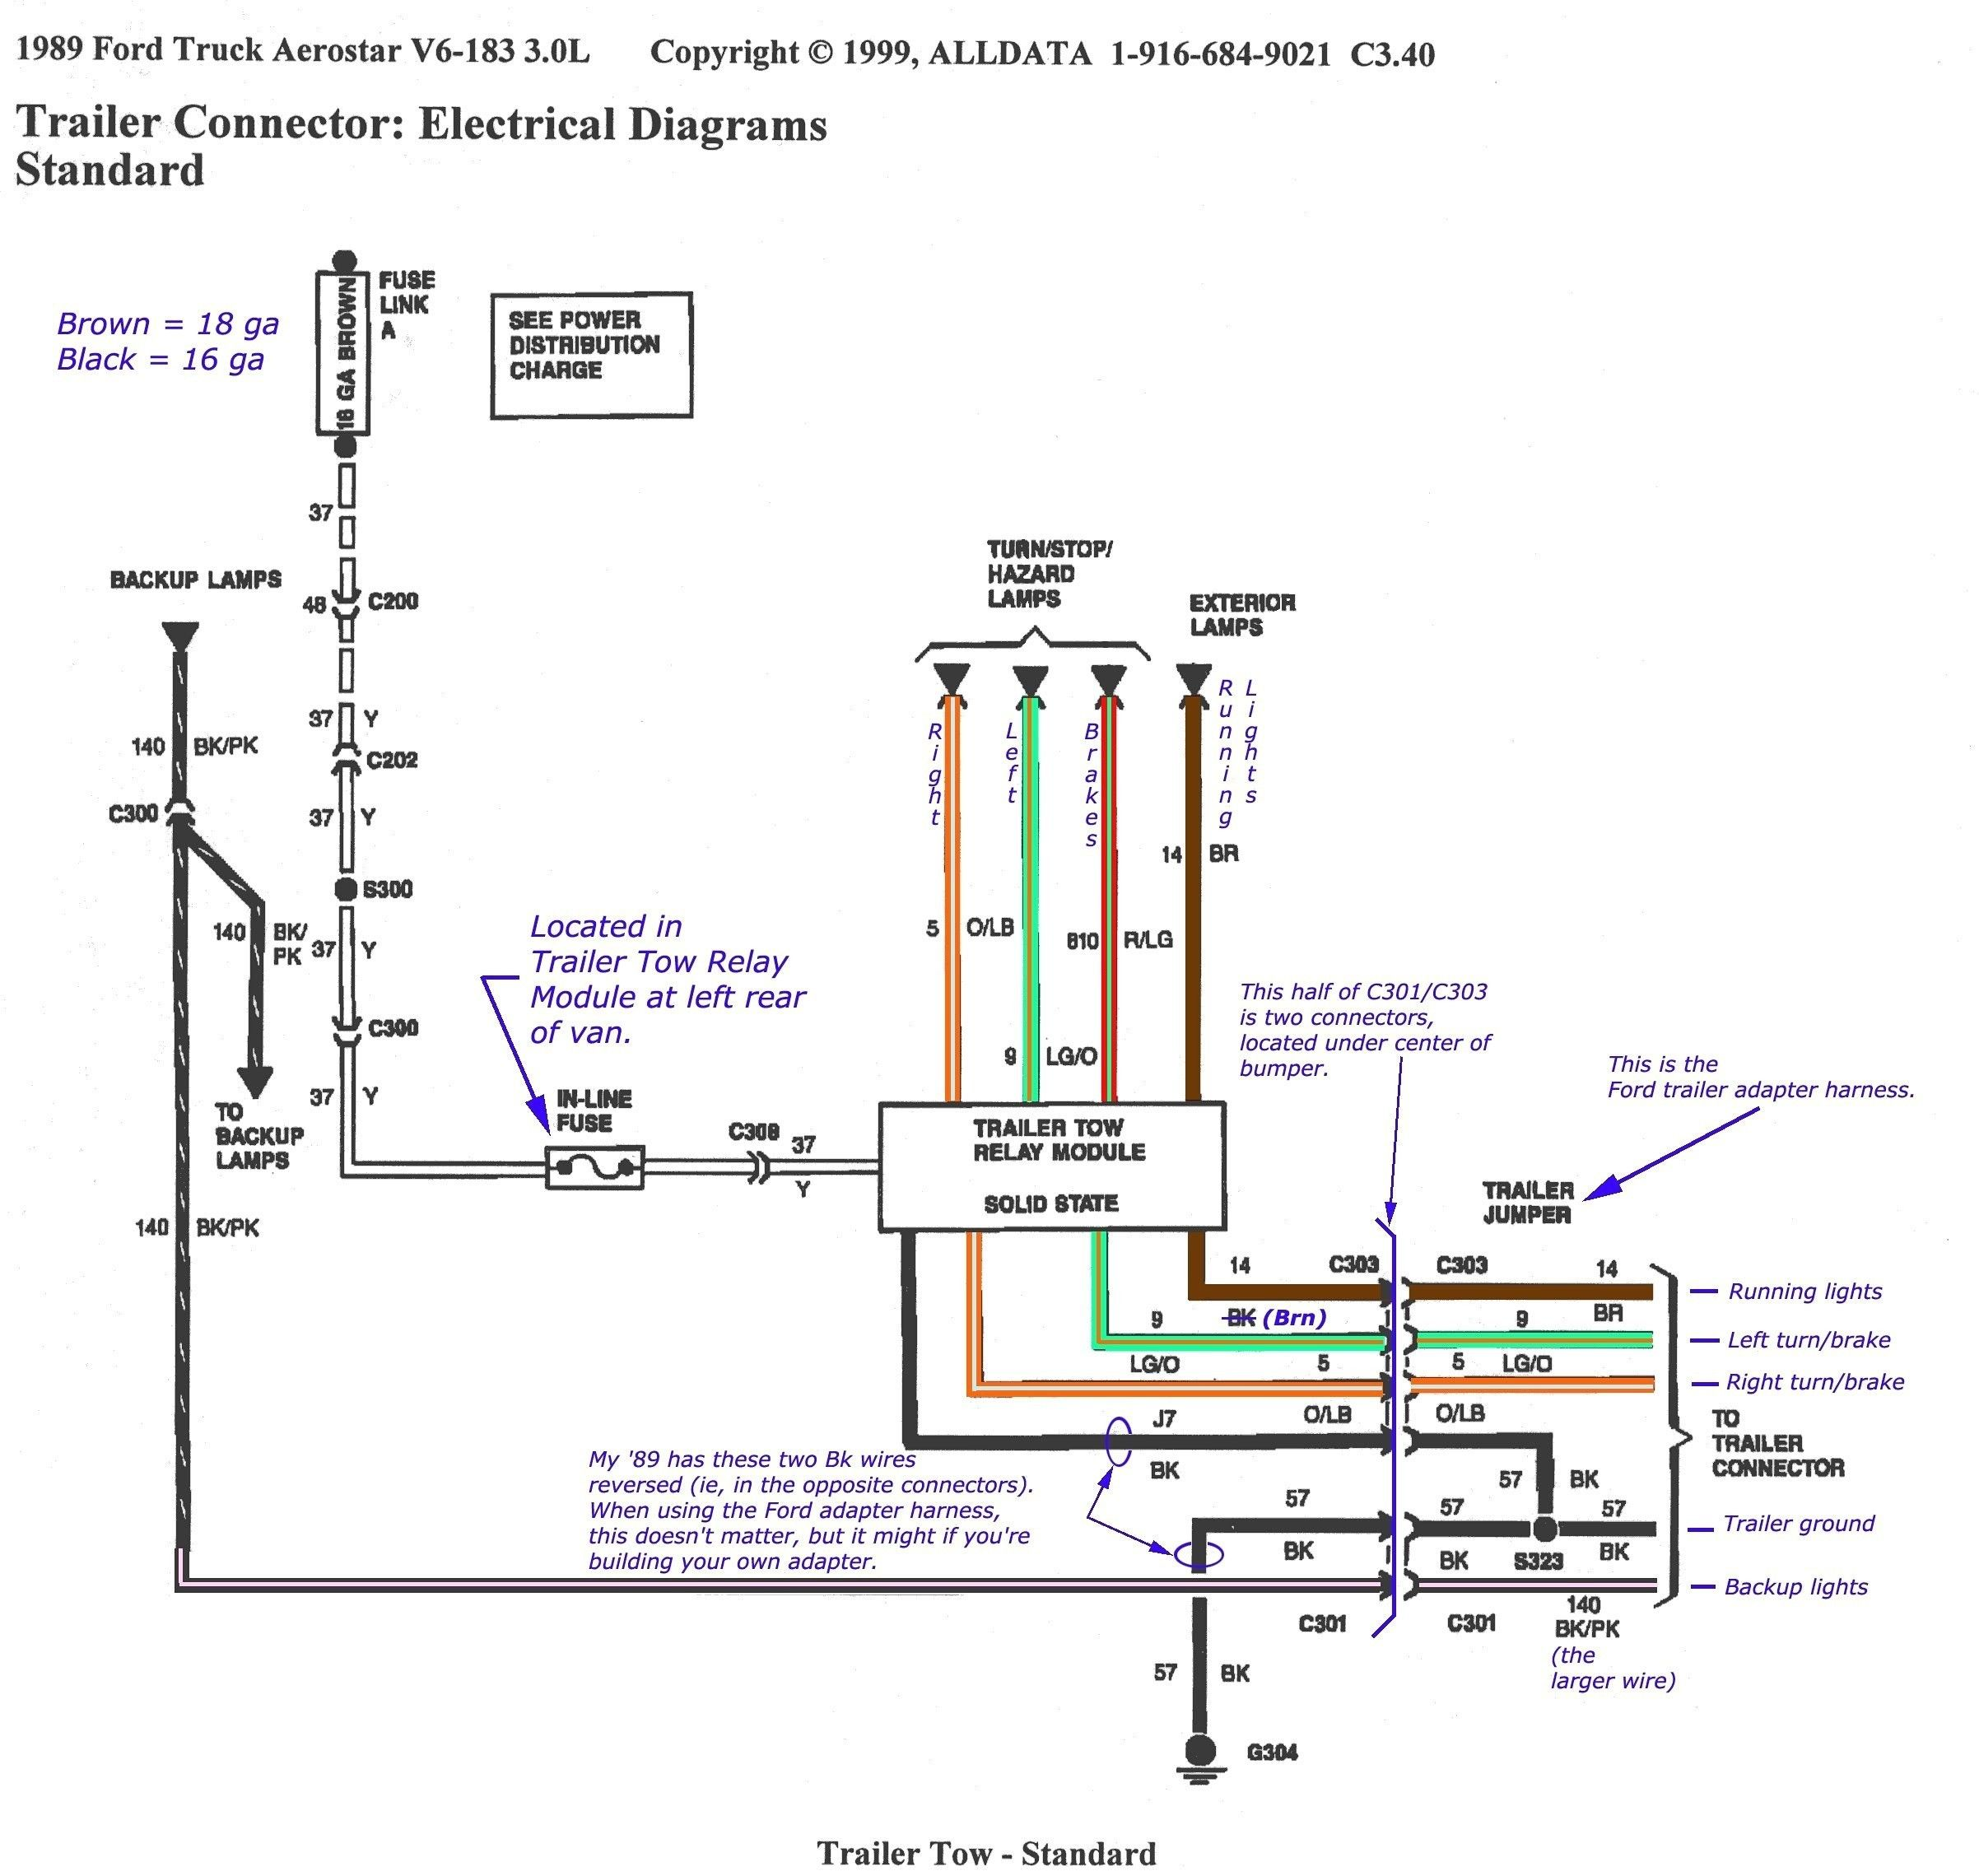 Best Of Wiring Diagram For 7 Pin Trailer Plug Uk Diagrams Digramssample Diagramimages Wiringdiagramsamp Trailer Wiring Diagram Trailer Light Wiring Diagram